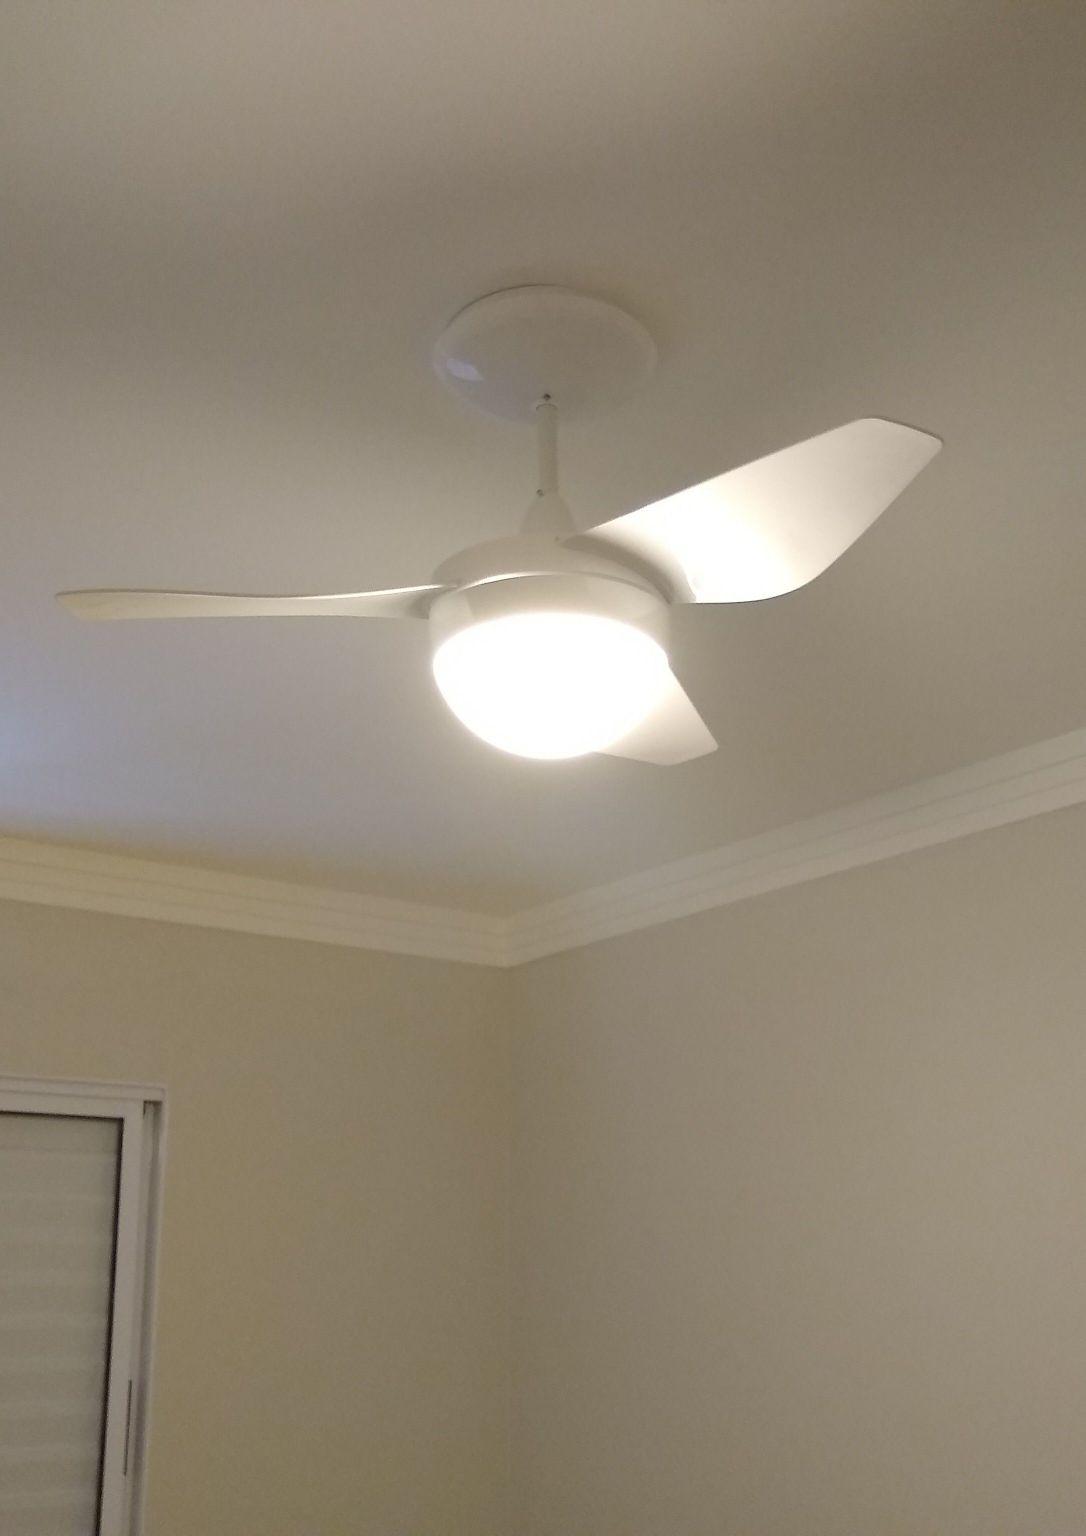 instalação de ventiladores